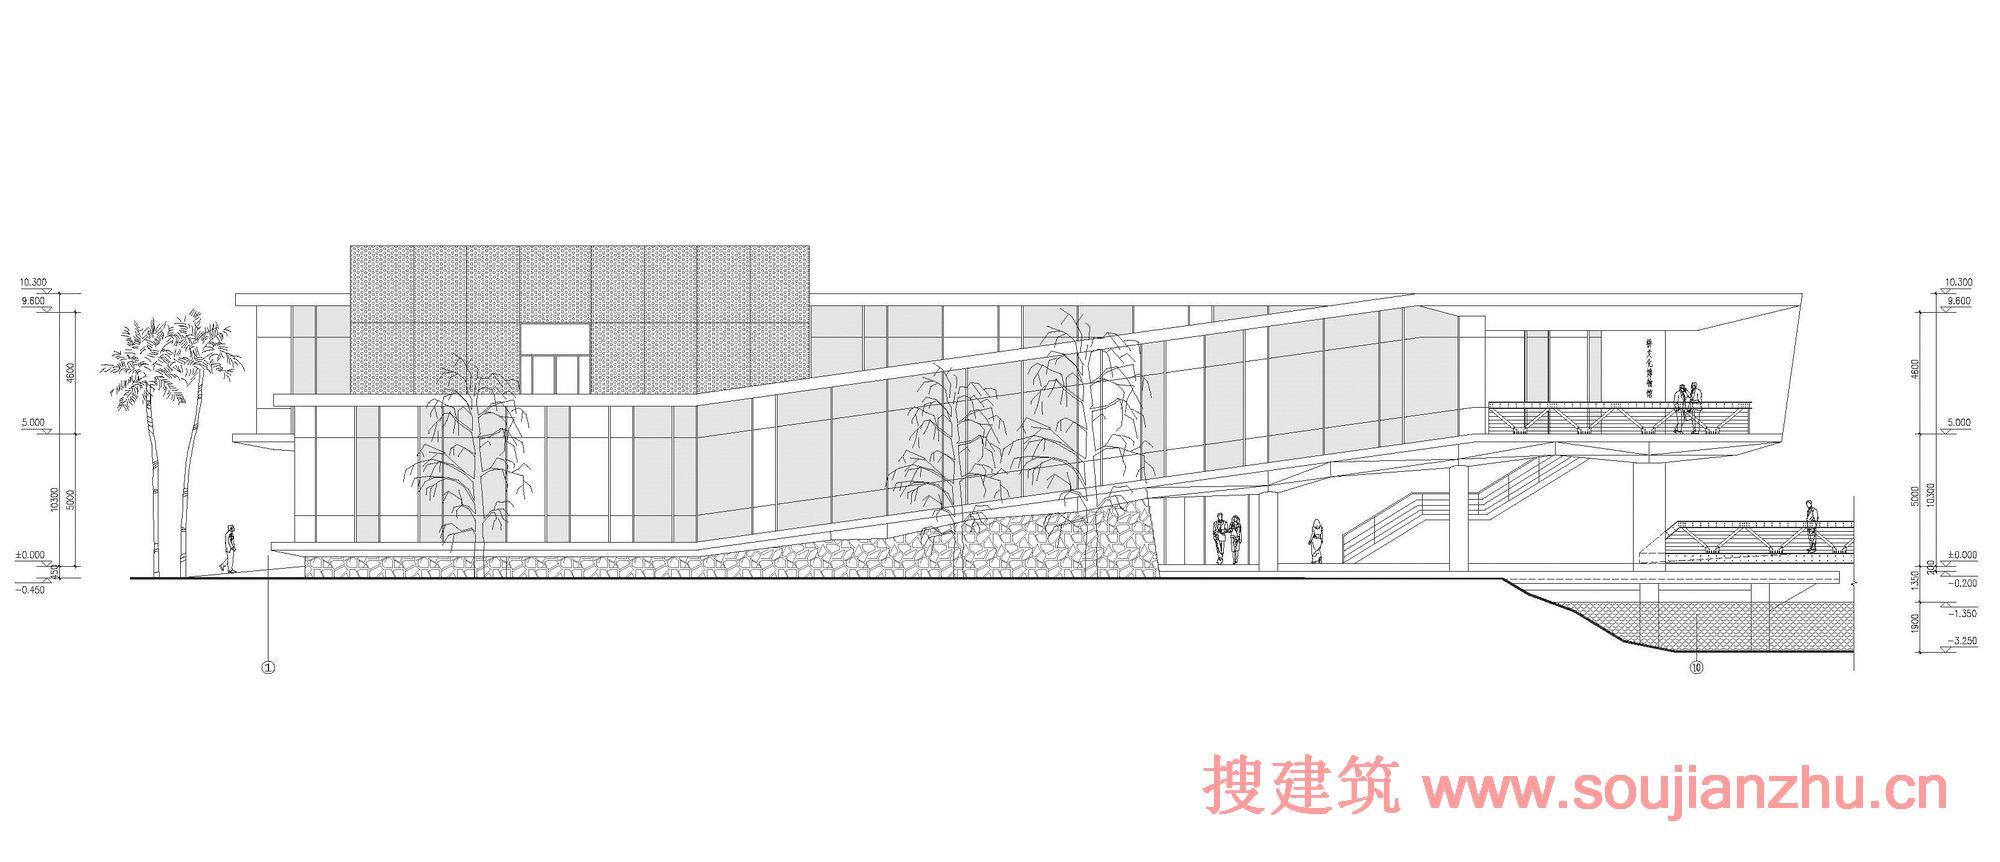 建筑师:三磊建筑设计有限公司 地点:天津 面积:2220平方米 三磊介入设计时,天津乔园桥文化博物馆主体结构已完成时。须在原有的结构基础上进行设计调整,重构建筑轮廓。我们将它设计为一个散步建筑,随着人们行走的路线周围是充满变幻的风景。大楼的布局和建设符合土地的性质,从而反映现有的景观。游客可以自由流动,通过中央钢桥到达博物馆和建筑融成一个森林的氛围。 16根构造柱的设计处理量通过多种方式,这在一定程度上改善结构性能,降低结构重量。博物馆是一个焦点适应其周围环境,包括它的折线结构、形围合空间、